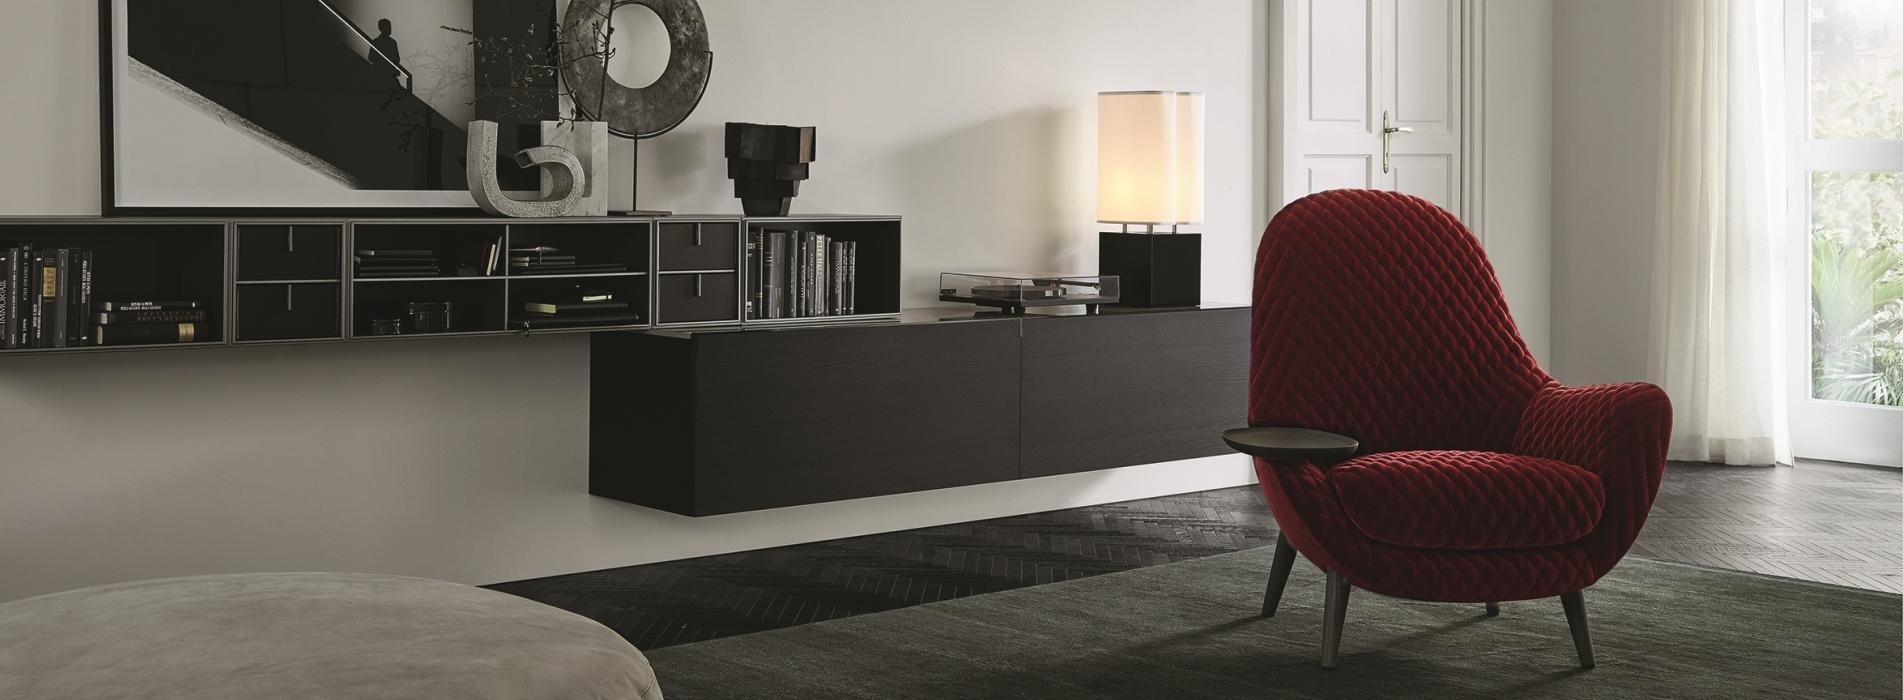 Inside-concept-architecture-interieur-mobilier